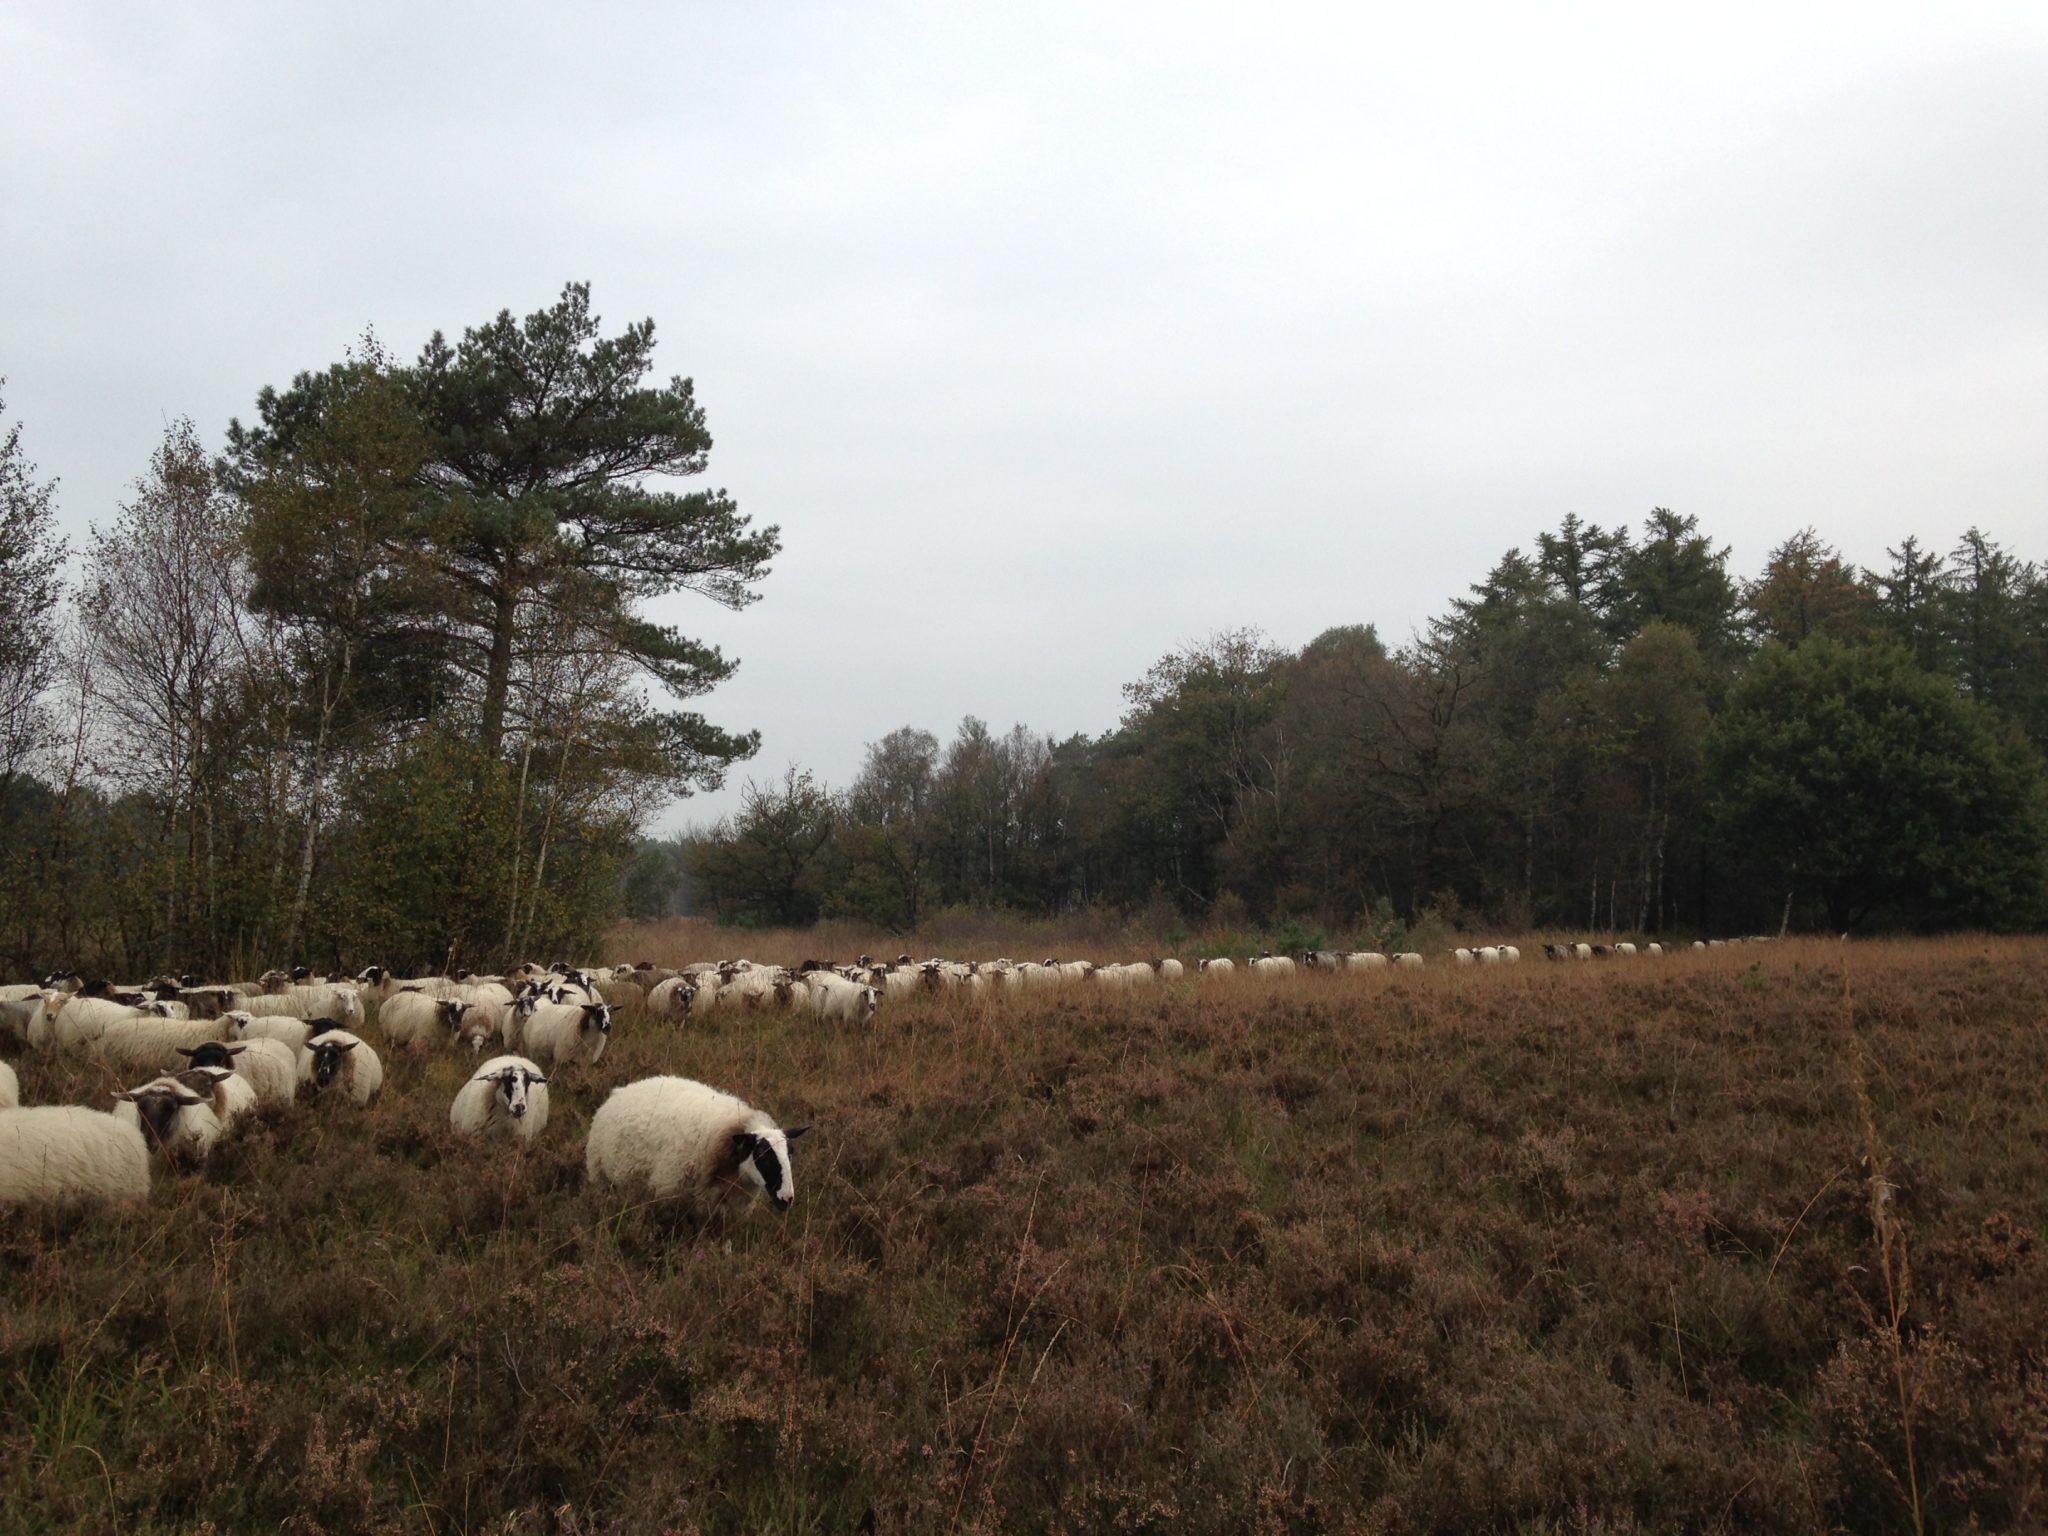 5 vierkante meter natuur en een wandeling met de kudde